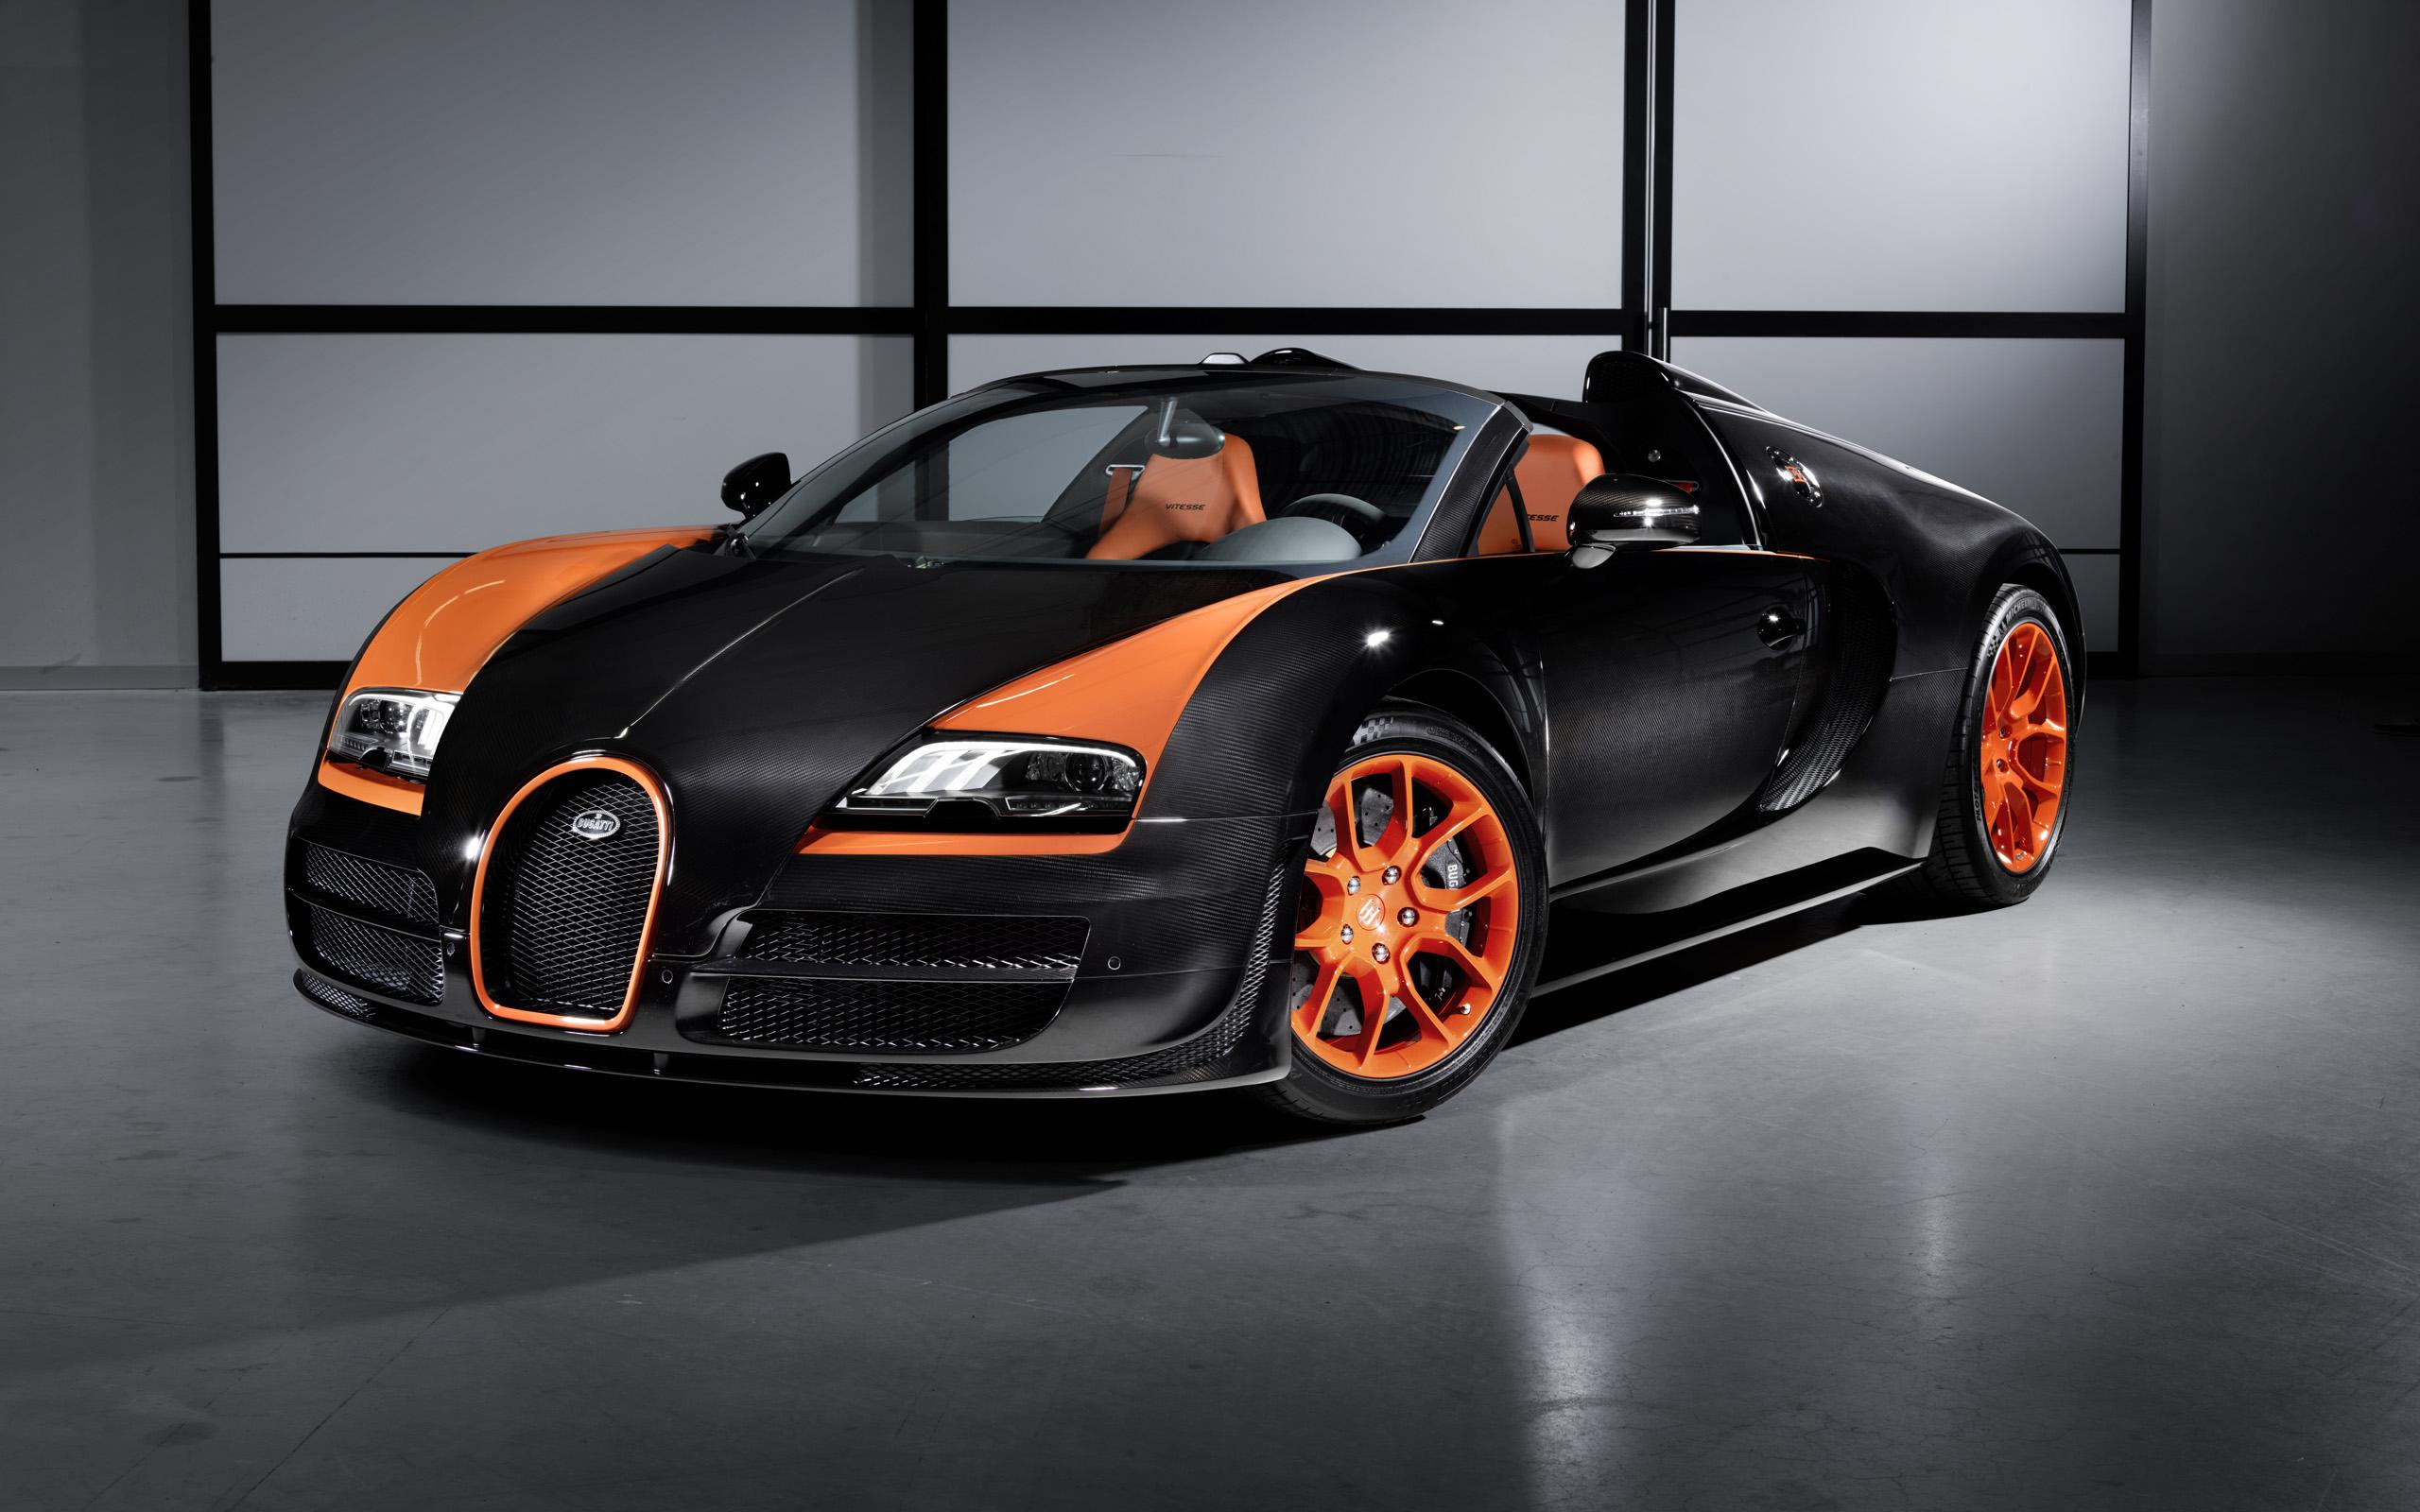 Bugatti Veyron Hd Wallpaper Background Image 2560x1600 Id